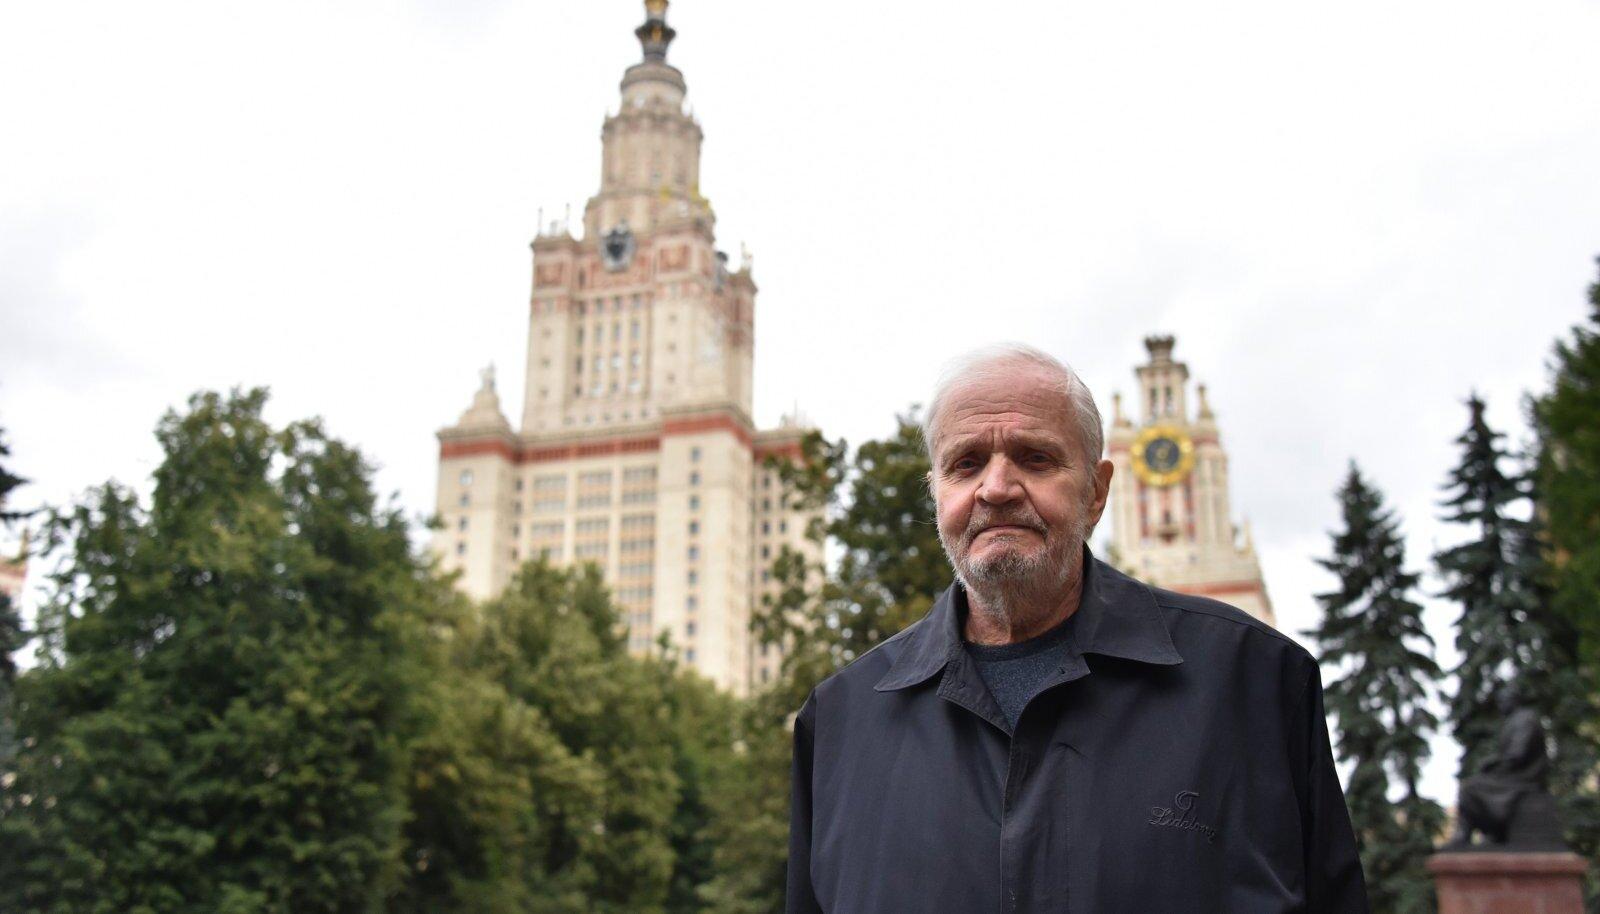 Eesti esikommunisti Johannes Käbini poeg Eduard lahkus Eestist 1962. aastal Moskva Ülikooli õppima. Üheks põhjuseks ütleb, et Eestis polnud ta kusagil n-ö tavaline inimene. Ja et see talle ei meeldinud. Eduard Käbin on Moskva Ülikoolis tööl tänini.